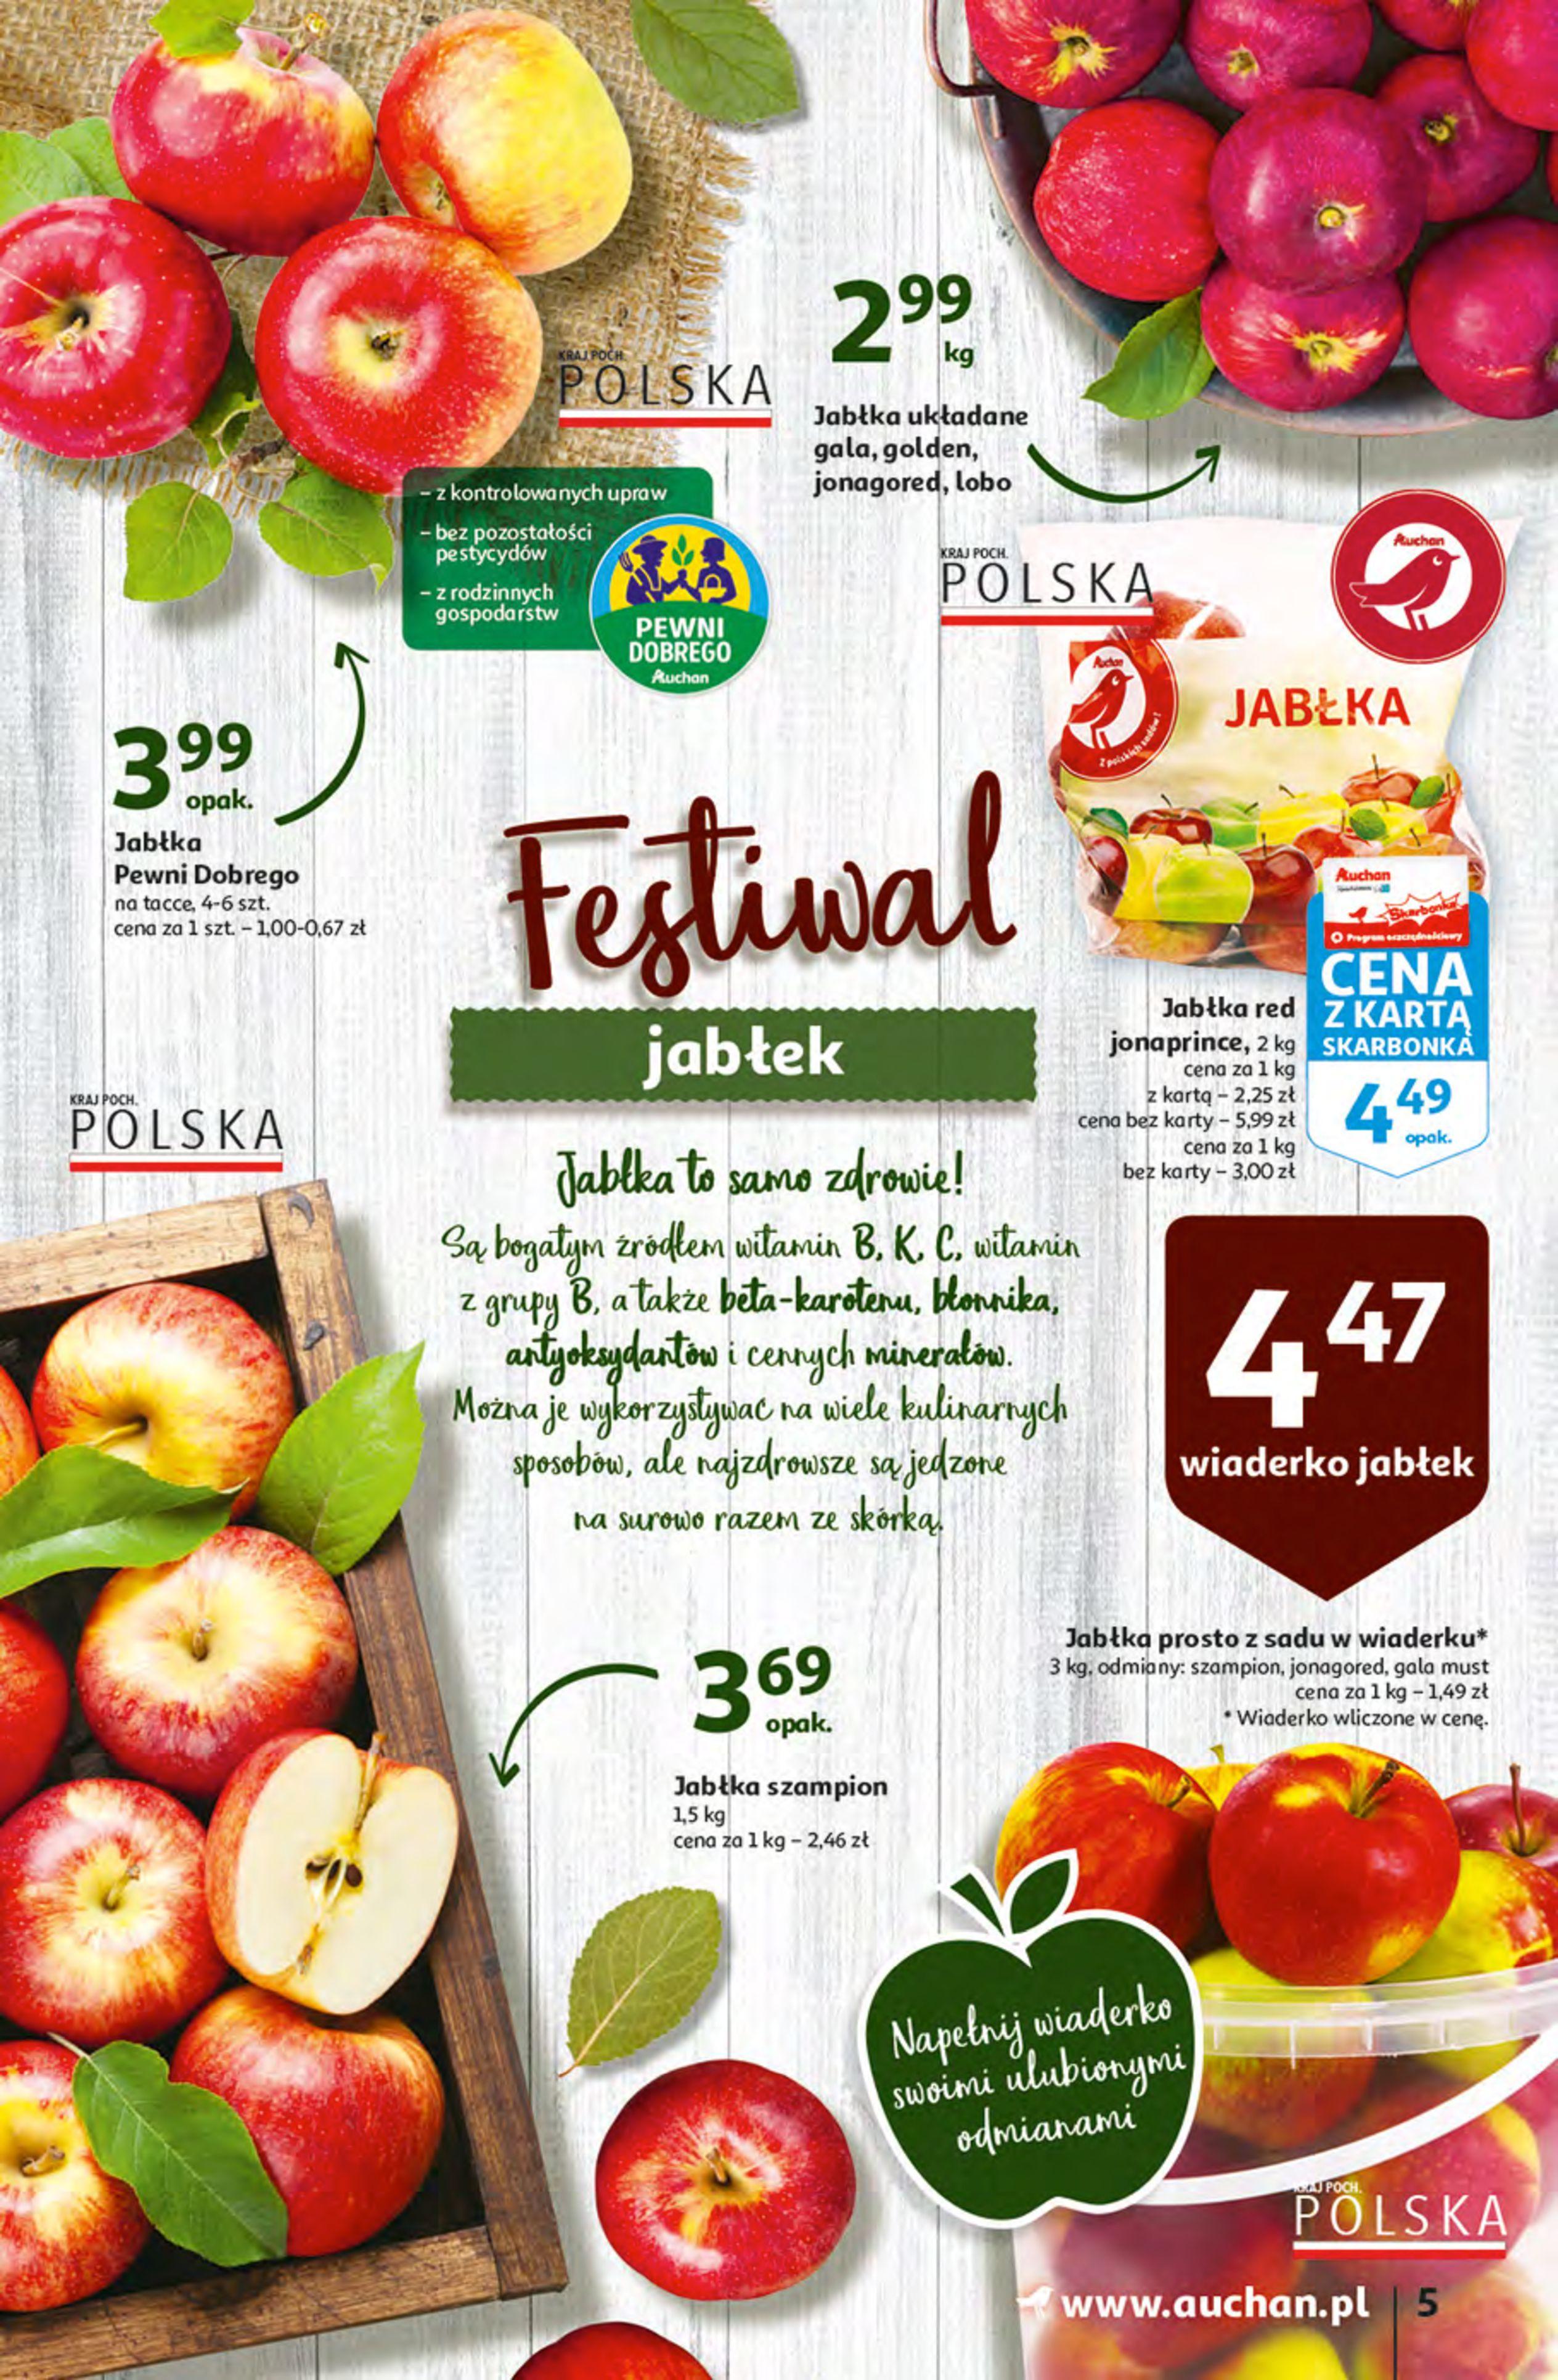 Gazetka Auchan: Gazetka Auchan - Hiperoszczędzanie z Kartą Skarbonka 2 Hipermarkety 2021-10-14 page-5